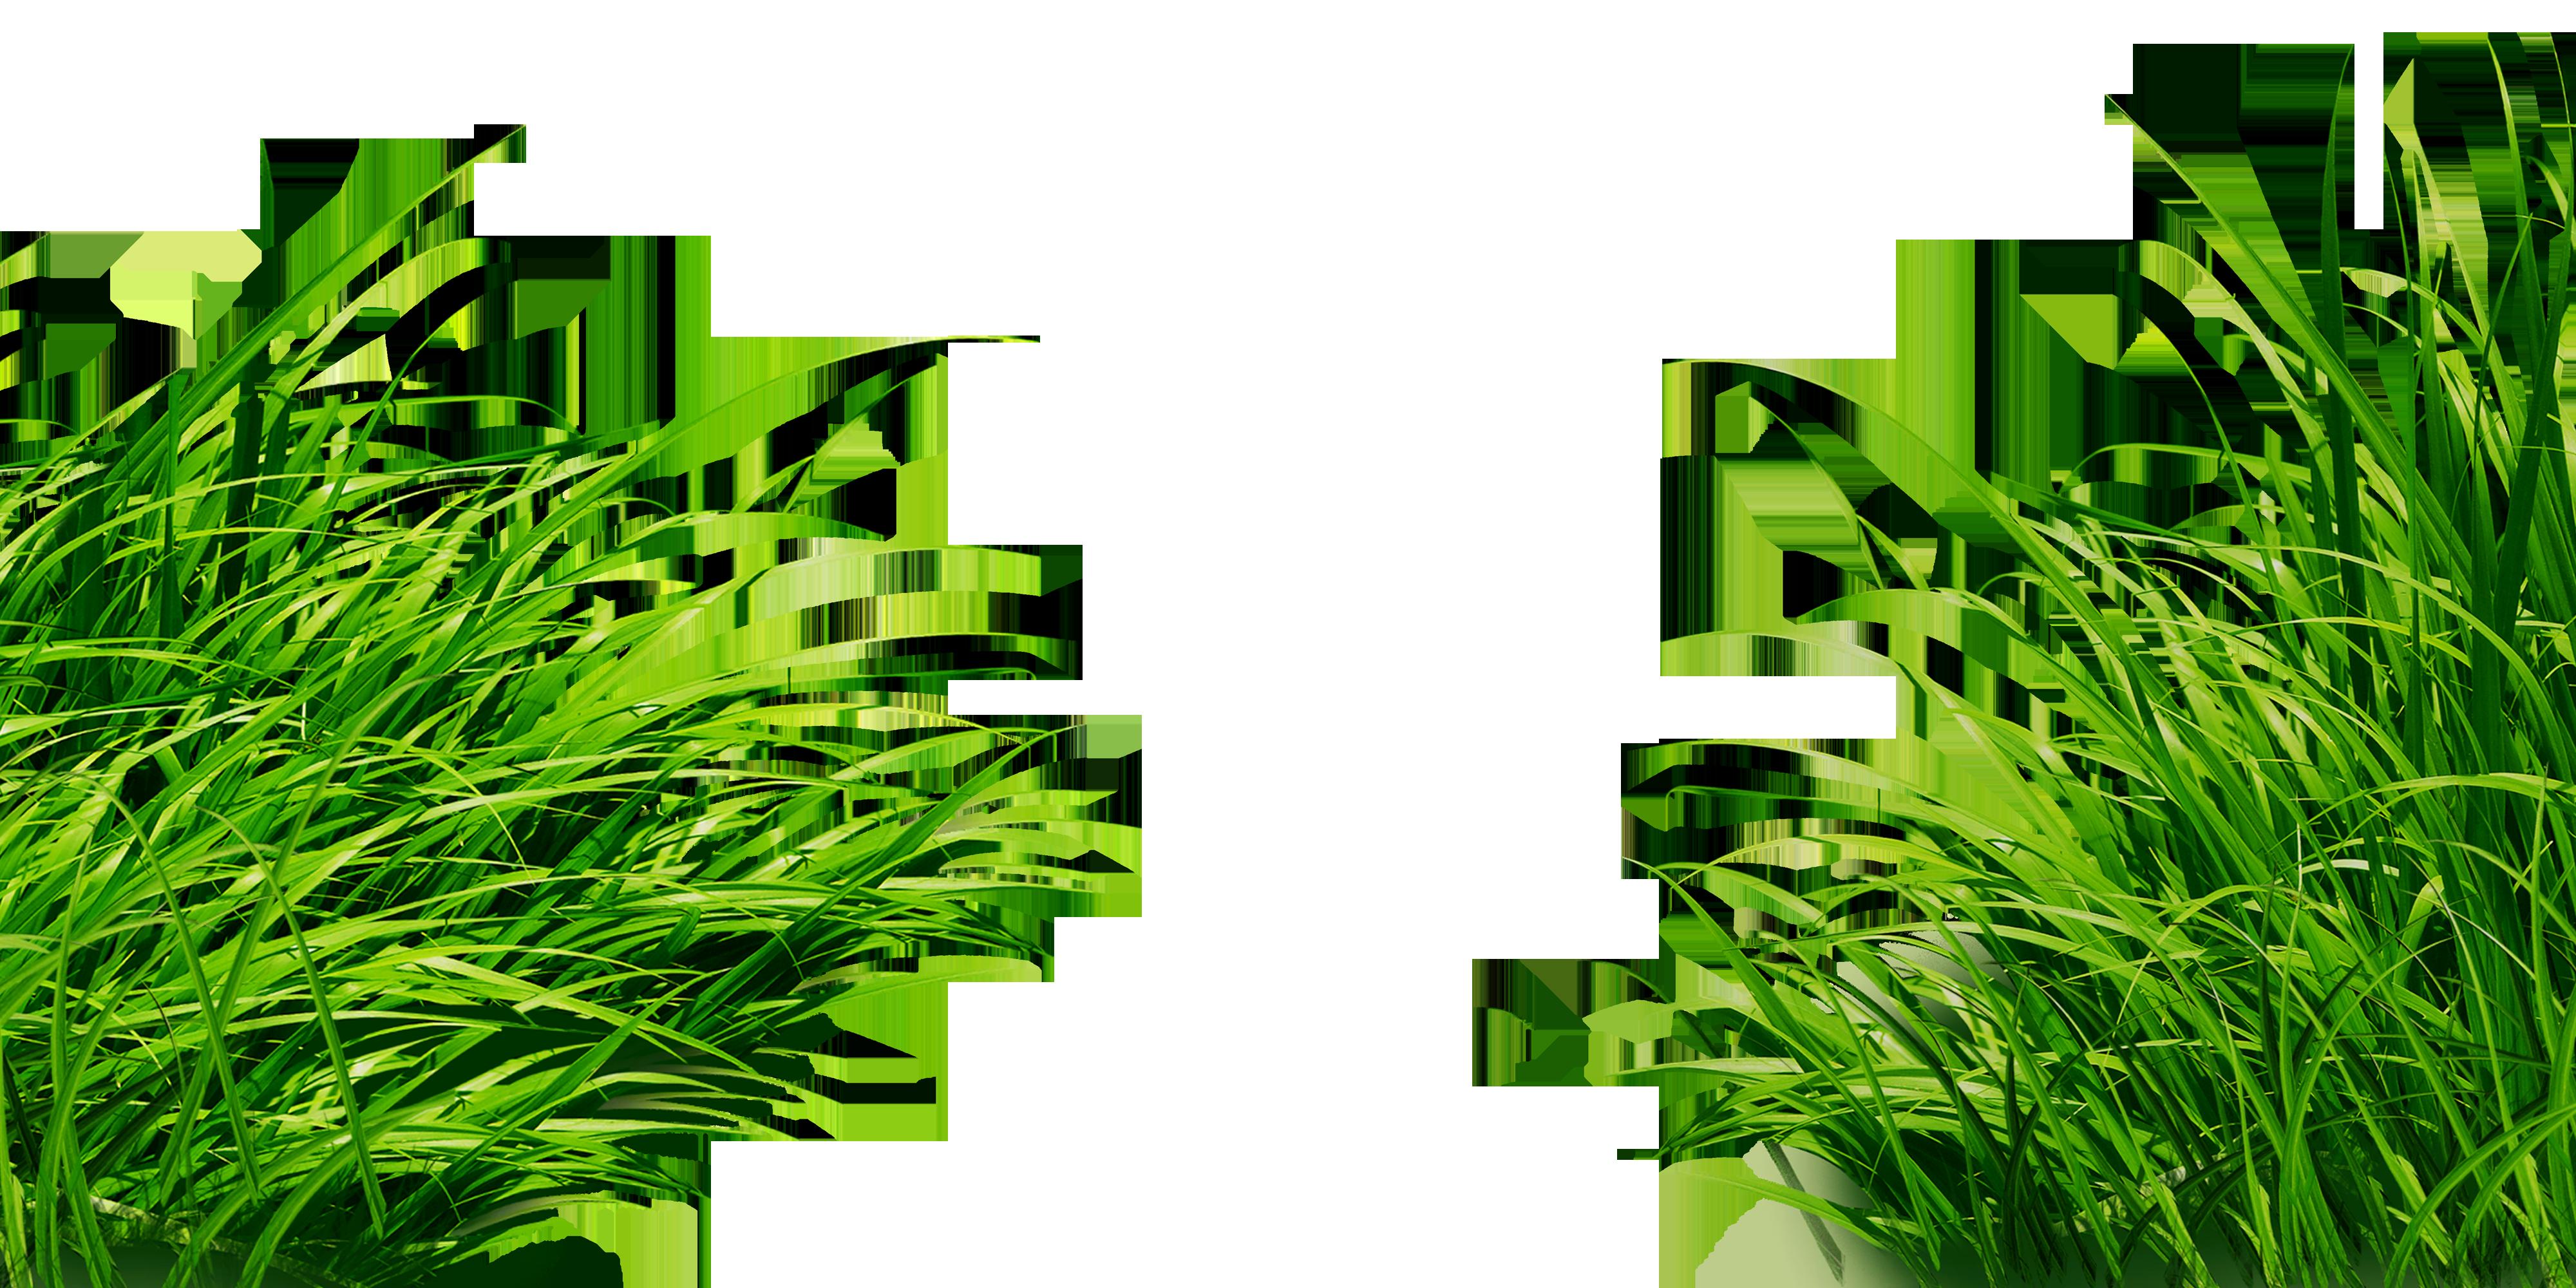 Травы на прозрачном фоне картинка